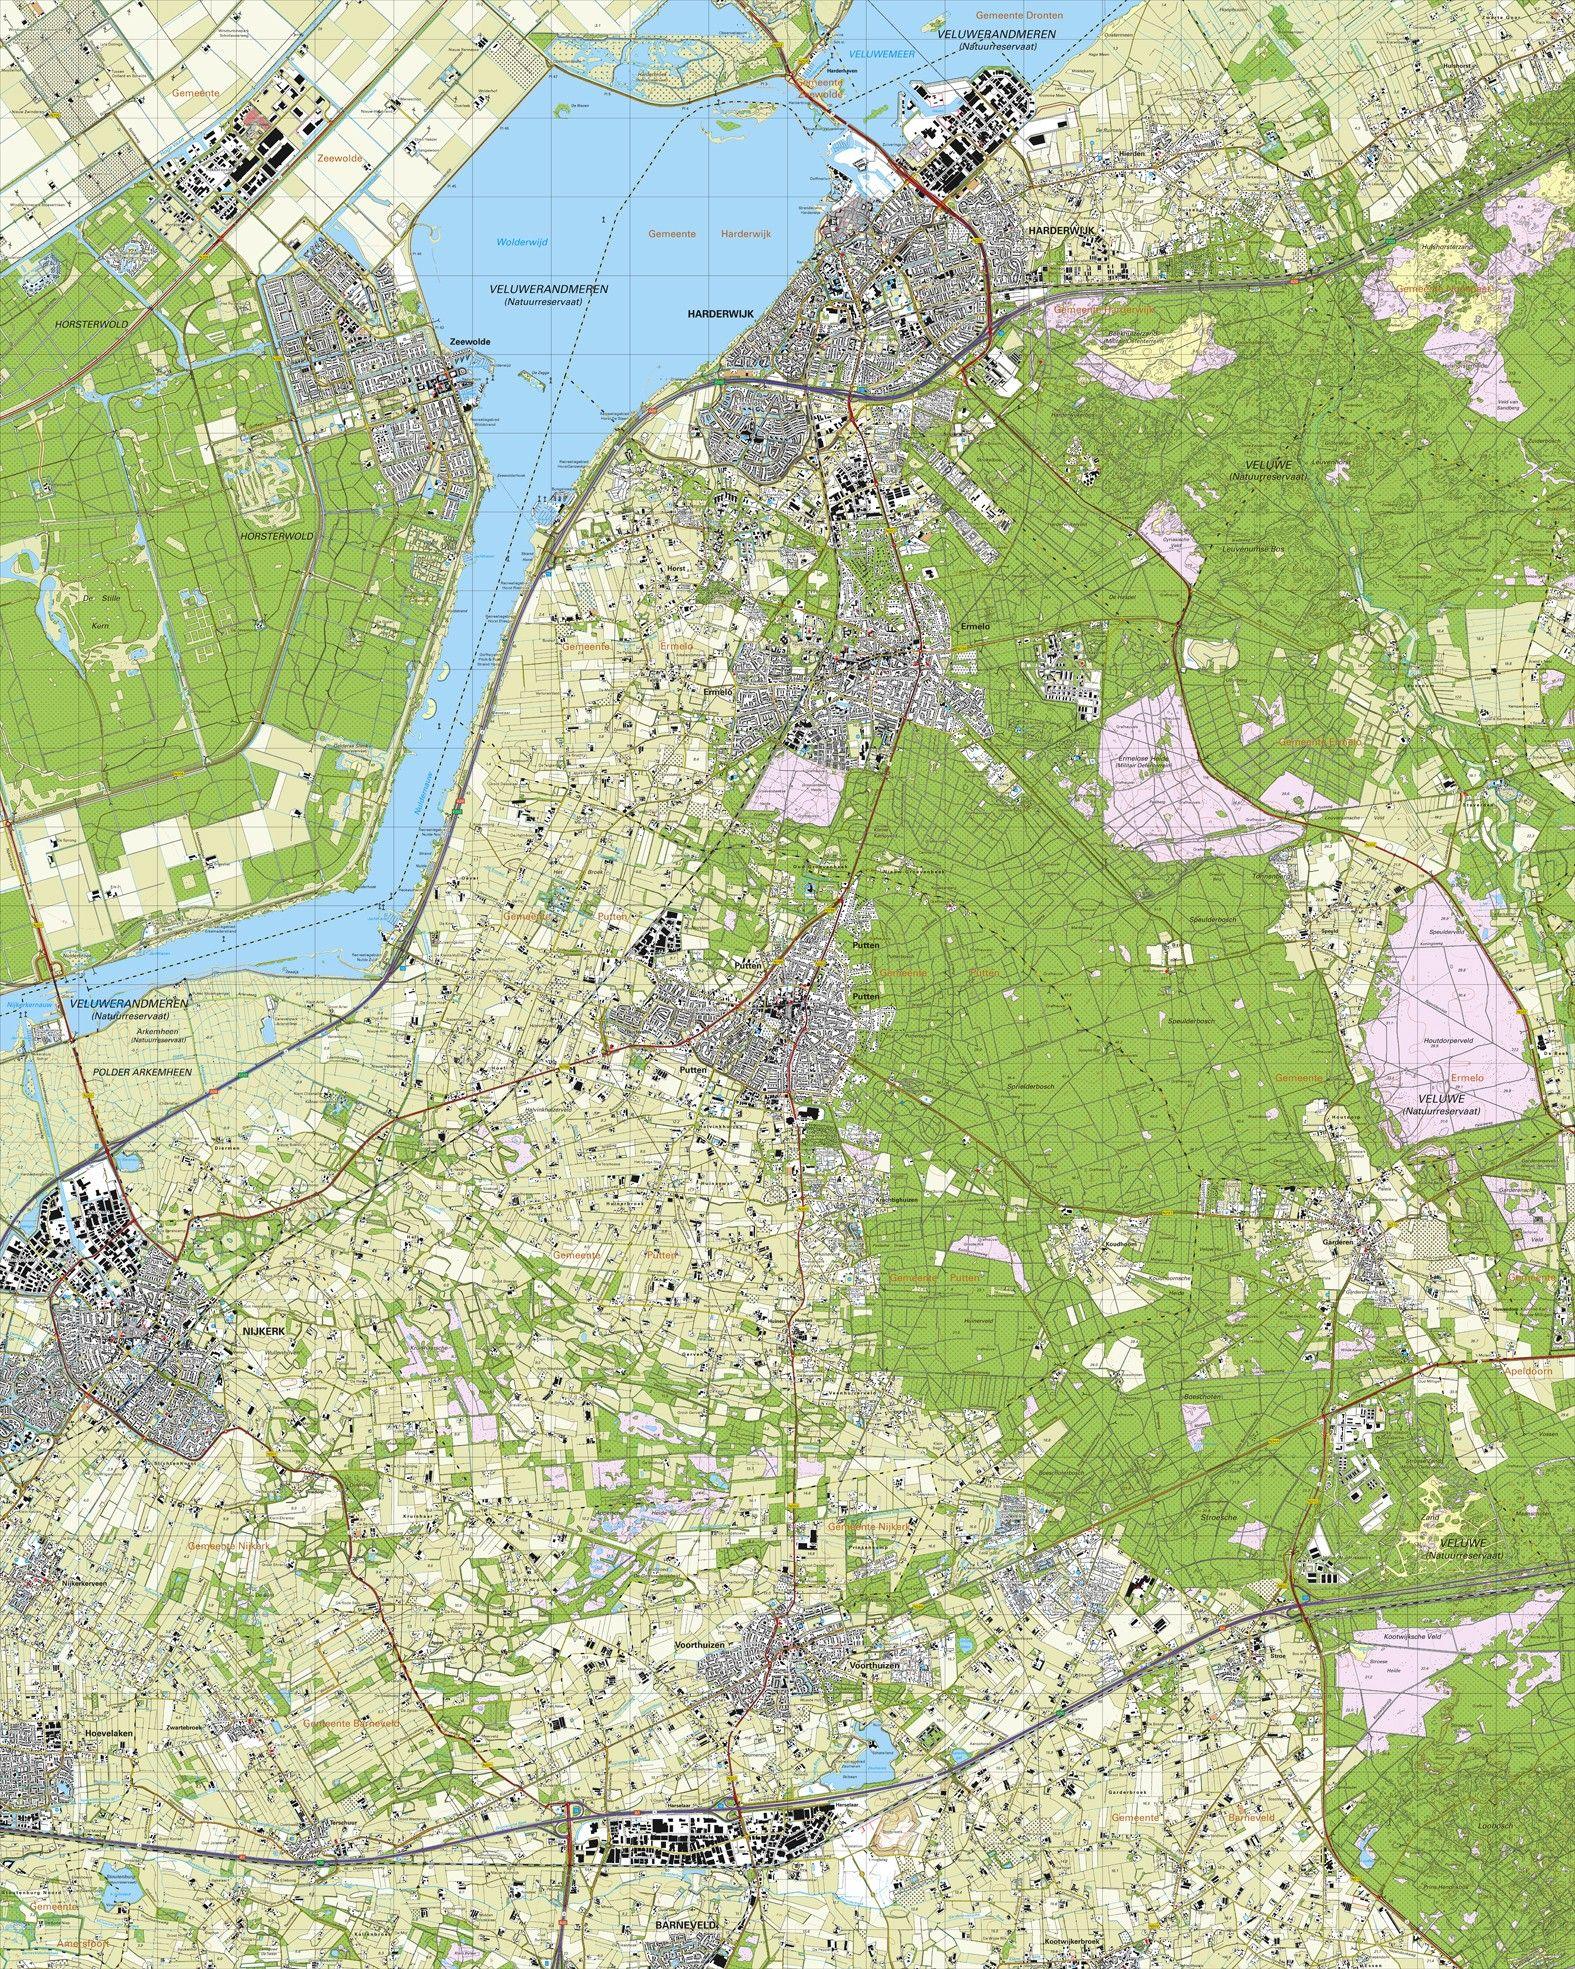 Topografische kaart schaal 1:25.000 (Harderwijk, Zeewolde, Ermelo, Putten, Nijkerk, Voorthuizen)